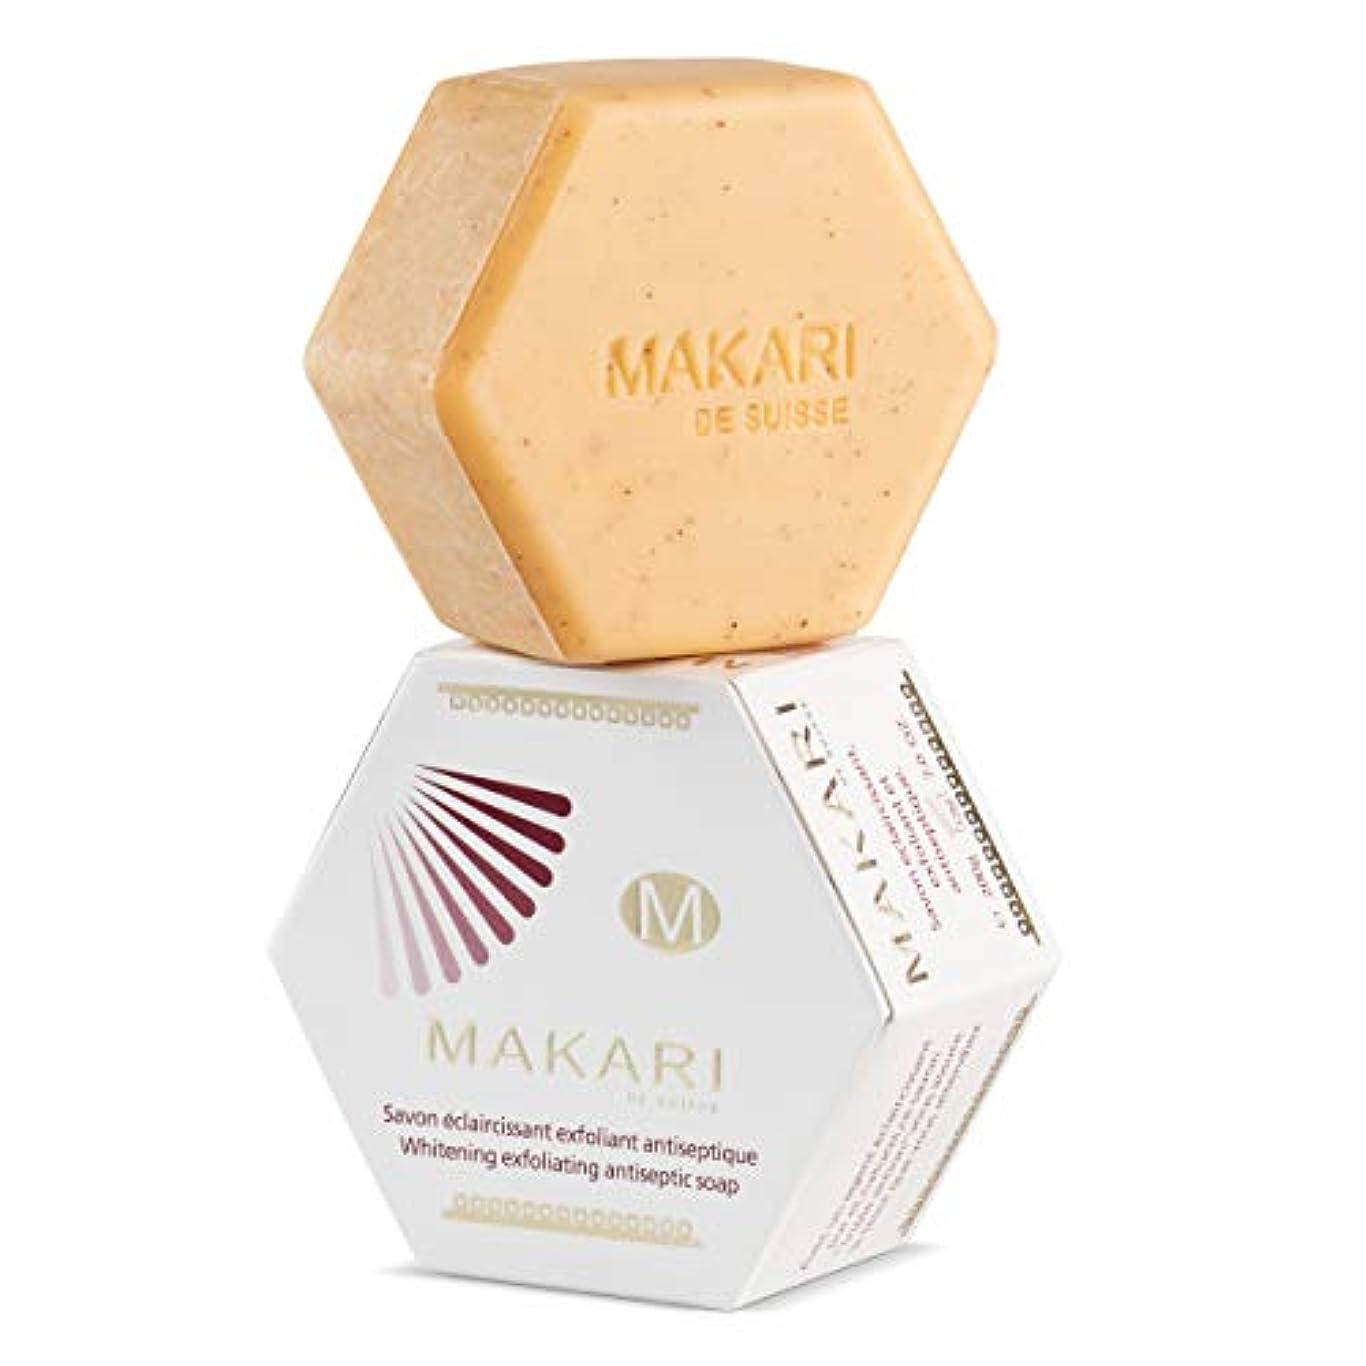 許されるフィクション球状MAKARI Classic Whitening Exfoliating Antiseptic Soap 7 Oz.– Cleansing & Moisturizing Bar Soap For Face & Body...